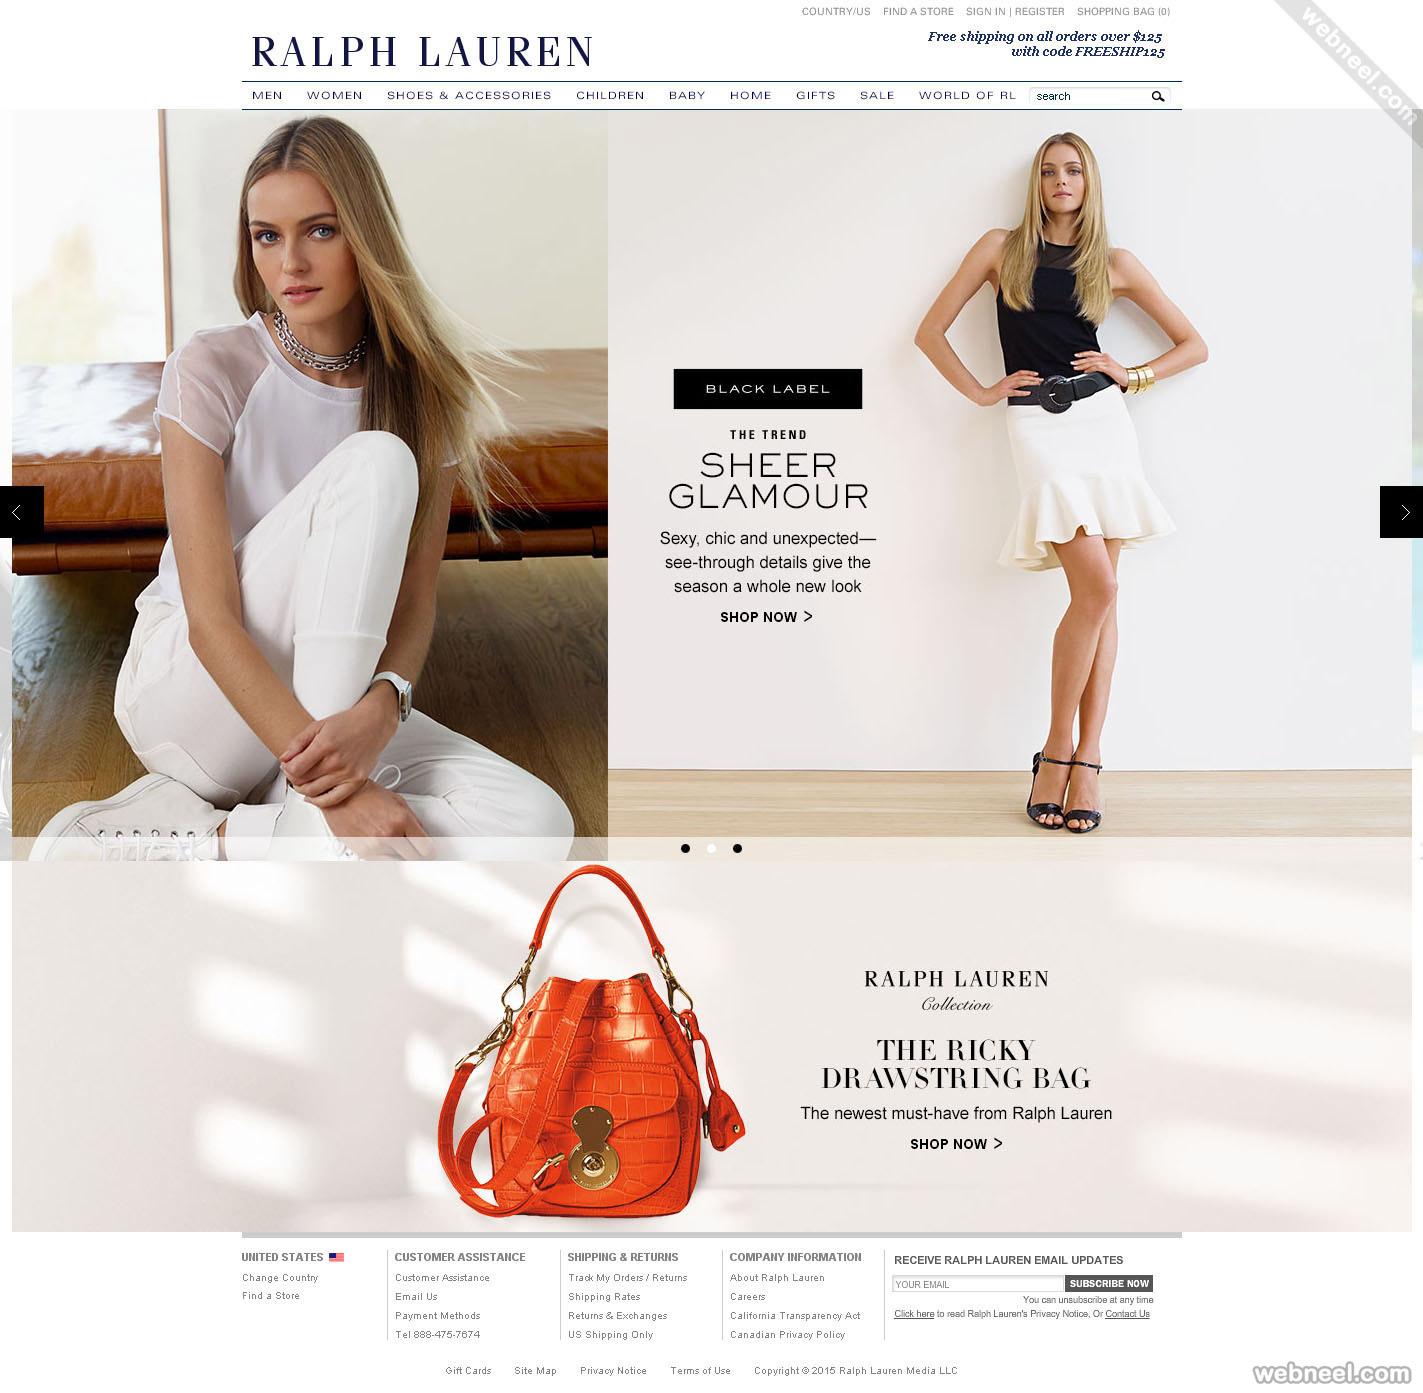 ecommerce website design ralphlauren